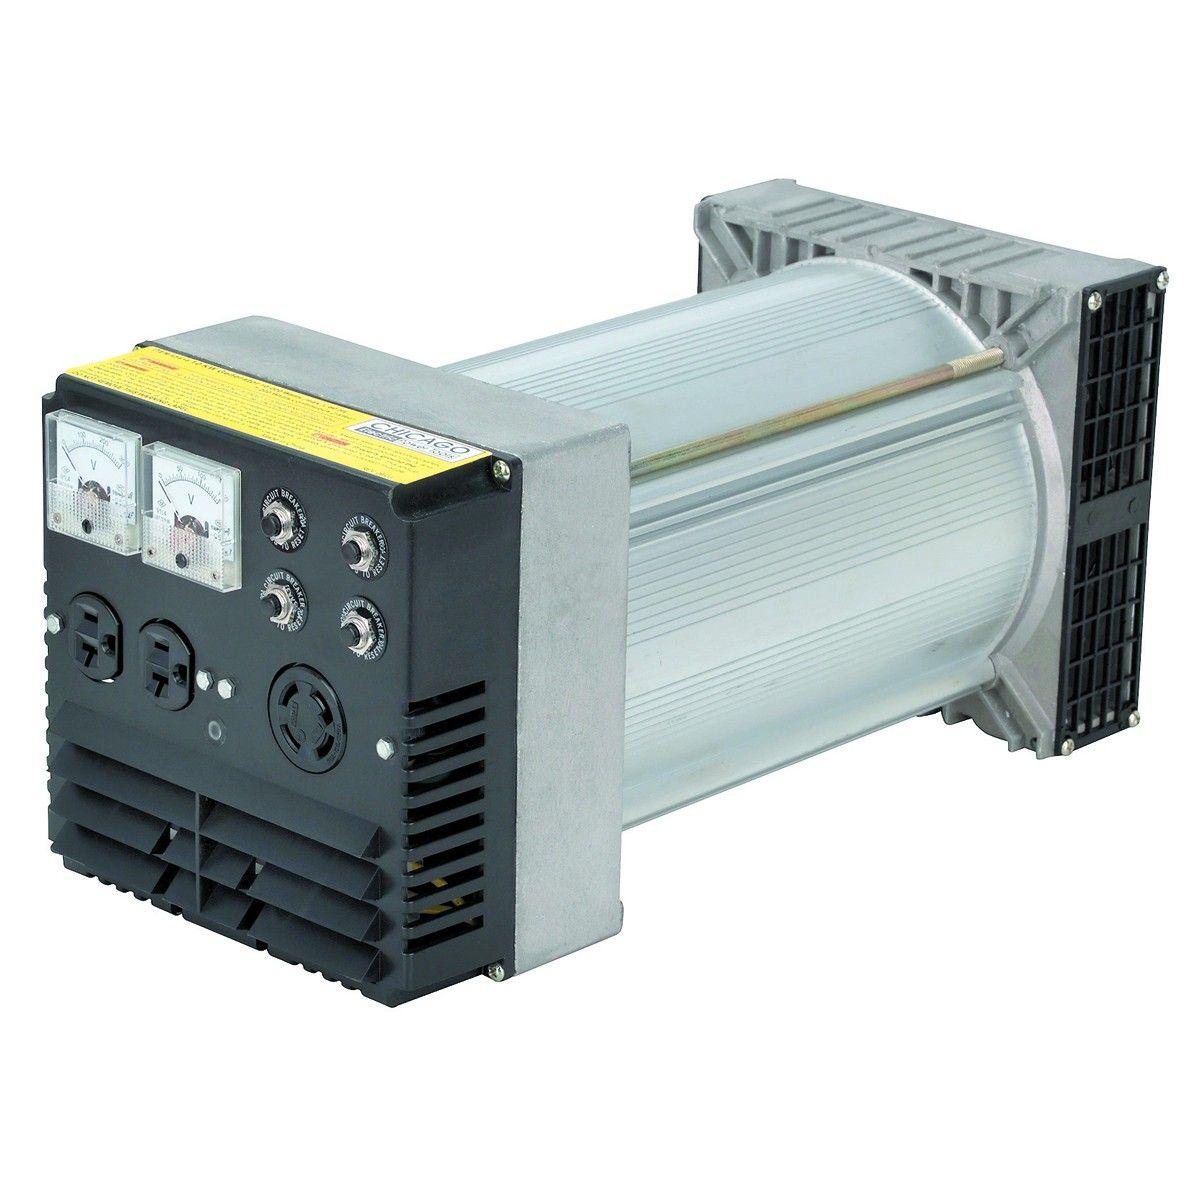 10000 Max Starting 7200 Running Watts Generator Head Alternative Power